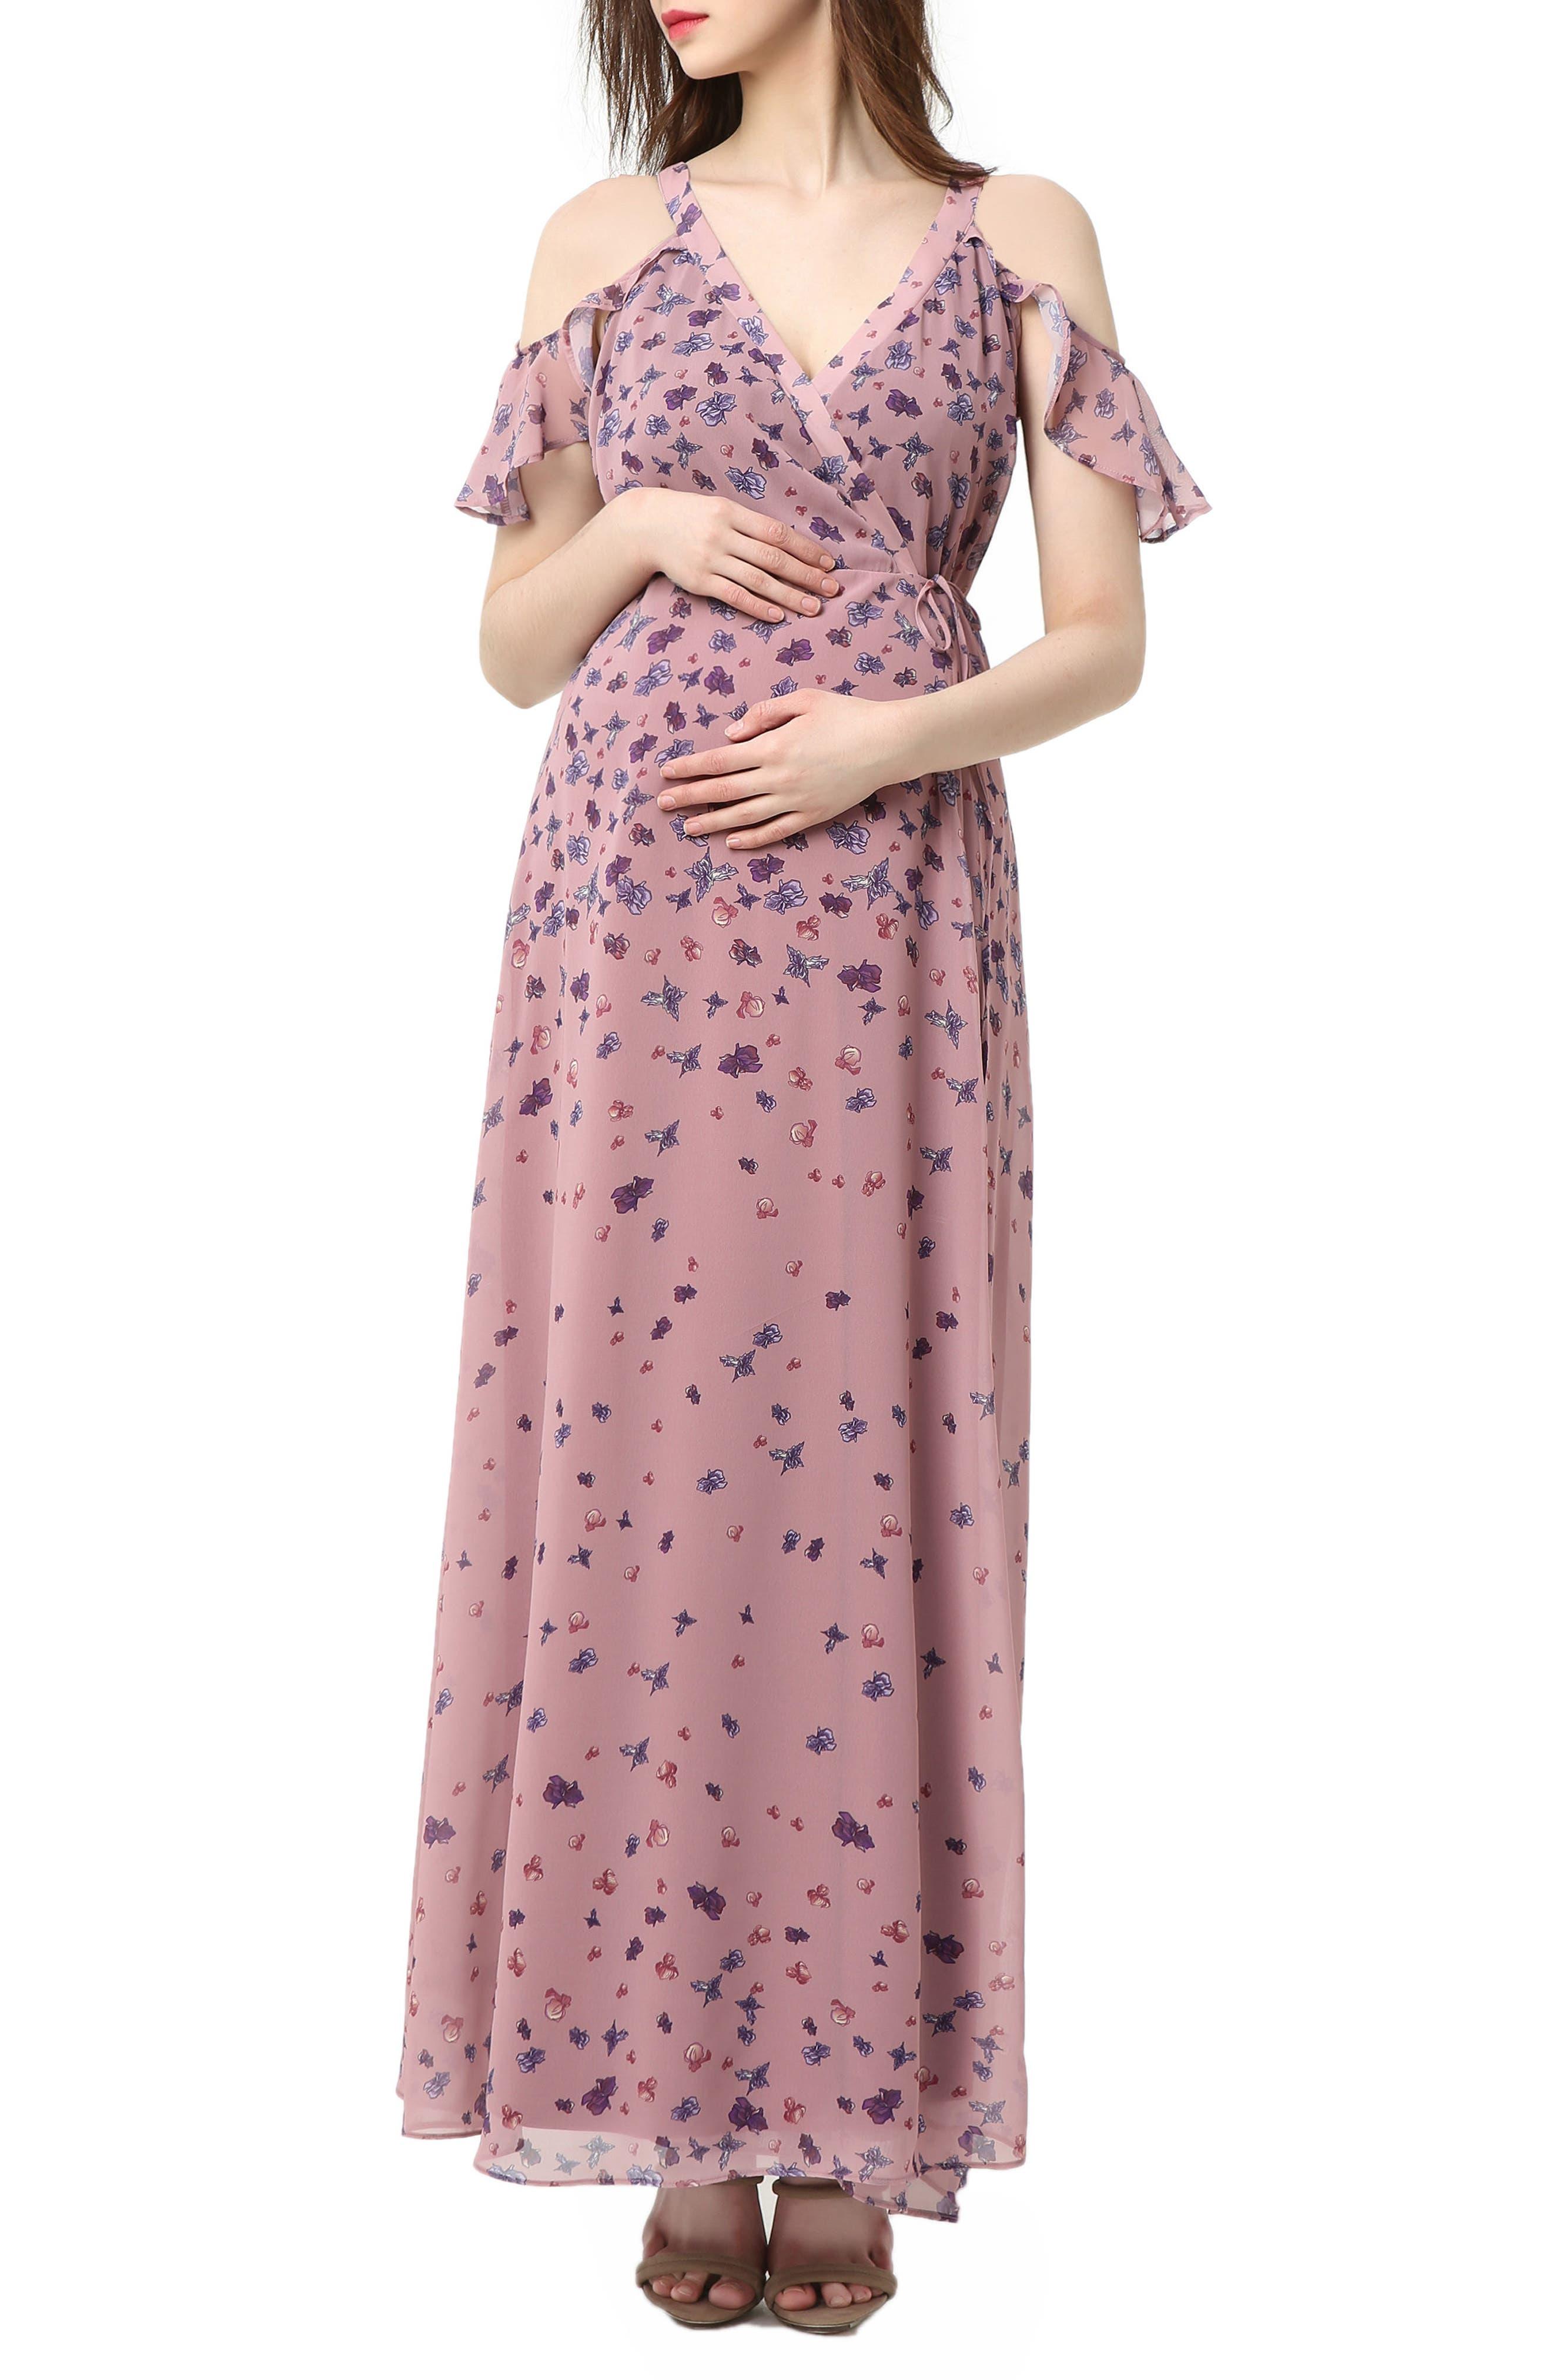 Catalina Cold Shoulder Wrap Maxi Maternity Dress,                             Main thumbnail 1, color,                             Rose Pink